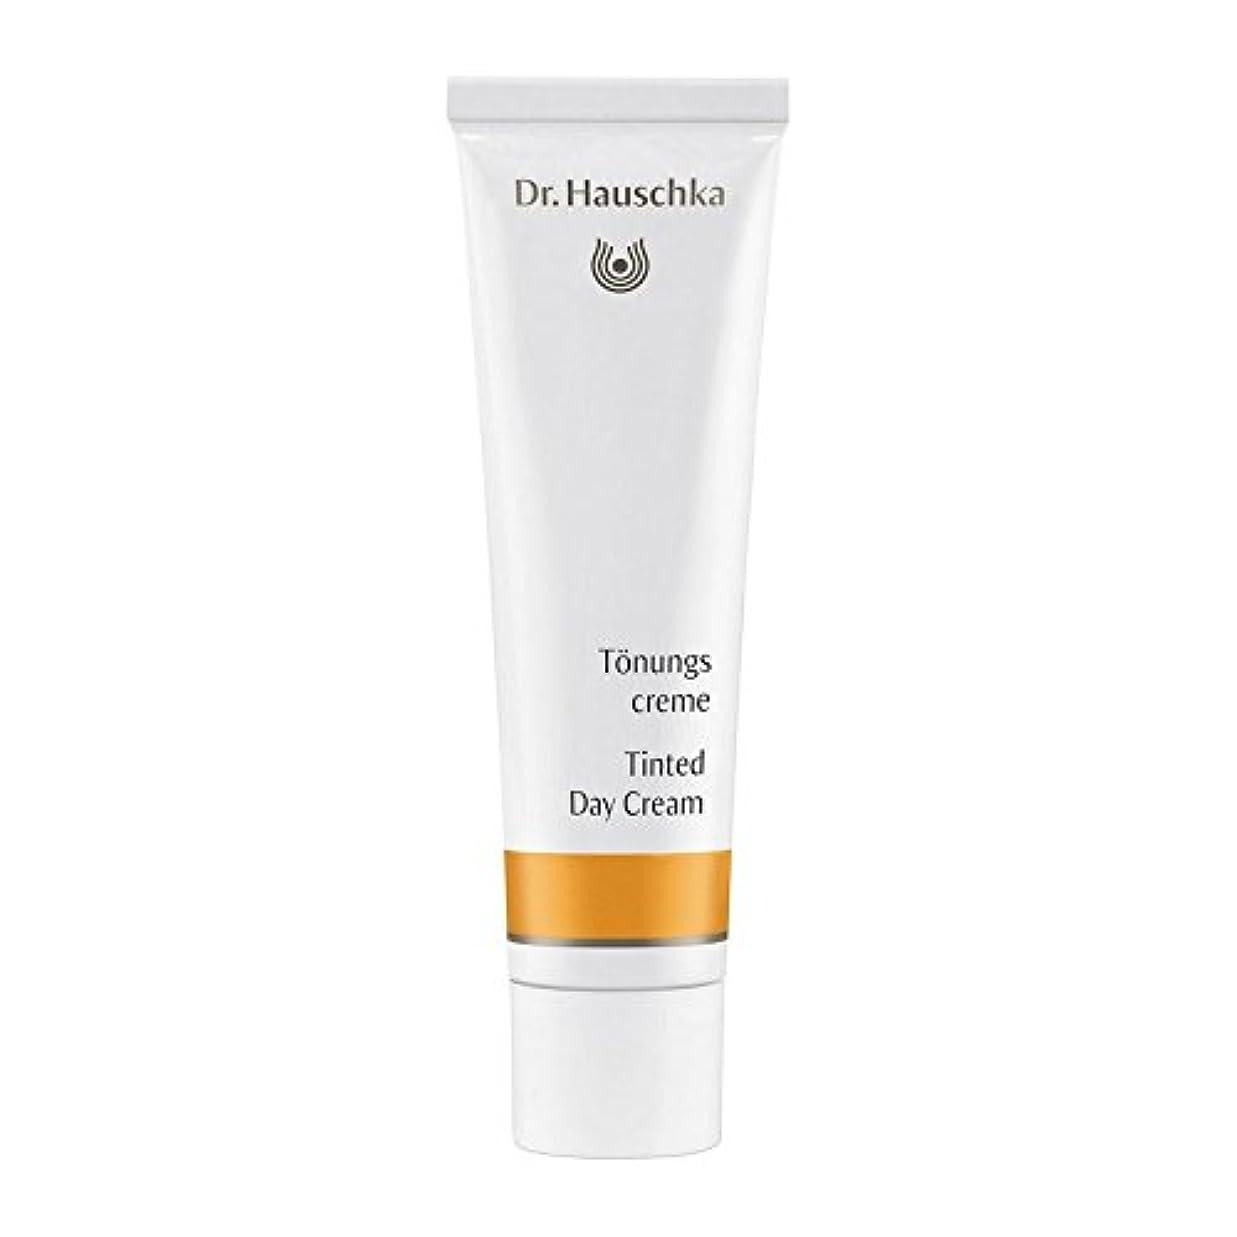 動物うれしい丘Dr. Hauschka Tinted Day Cream 30ml - ハウシュカ着色デイクリーム30 [並行輸入品]